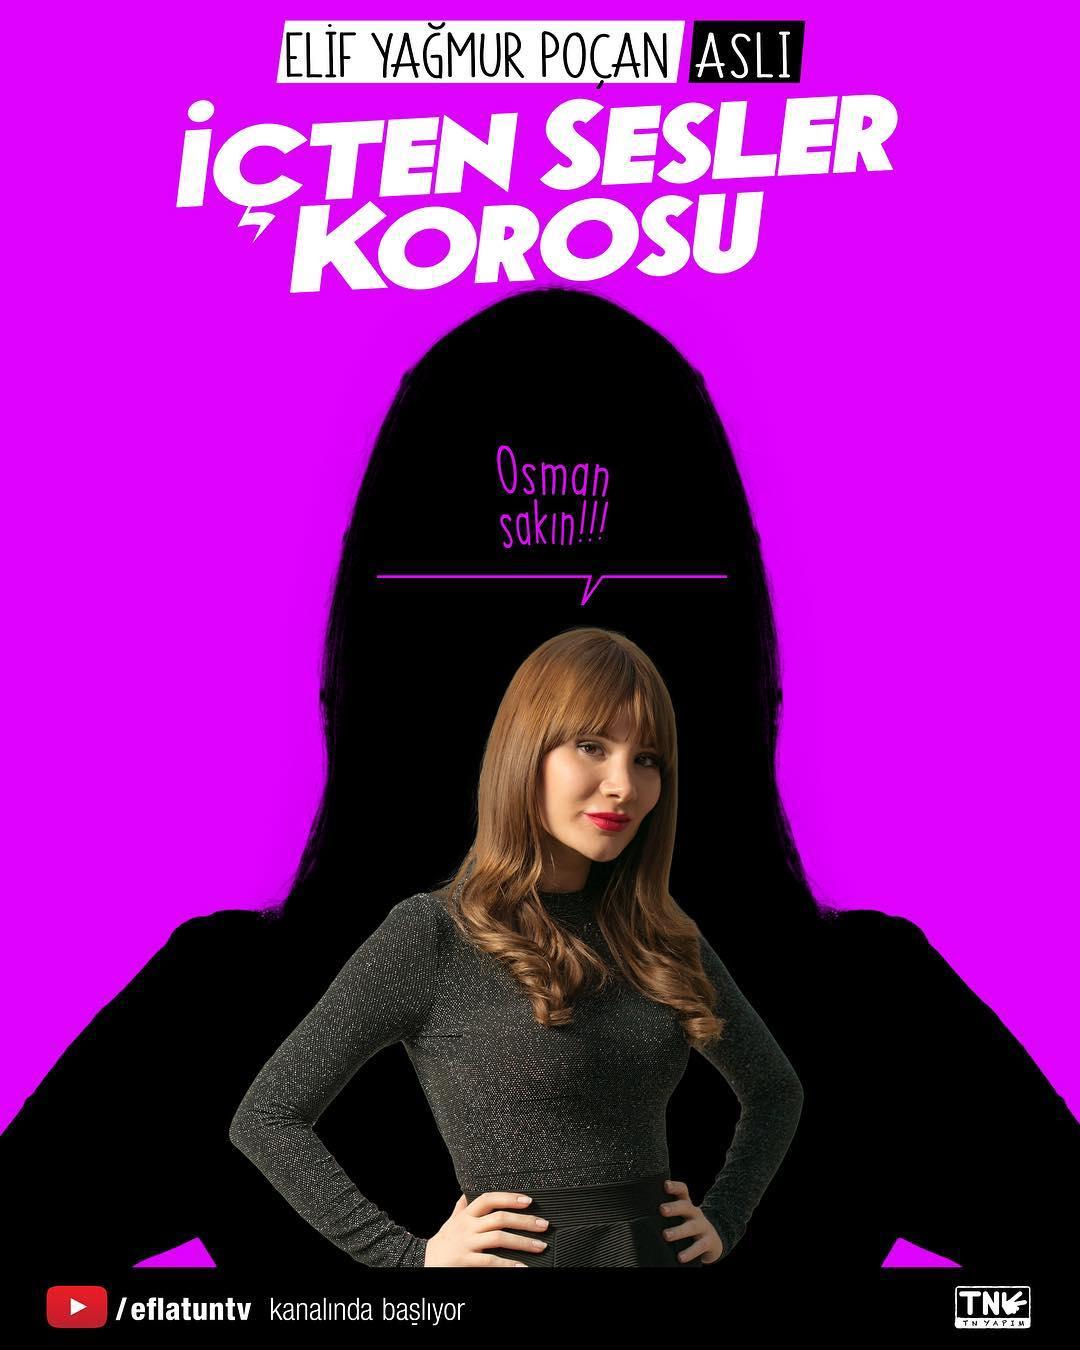 Elif Yagmur Pocan in Içten Sesler Korosu (2019)